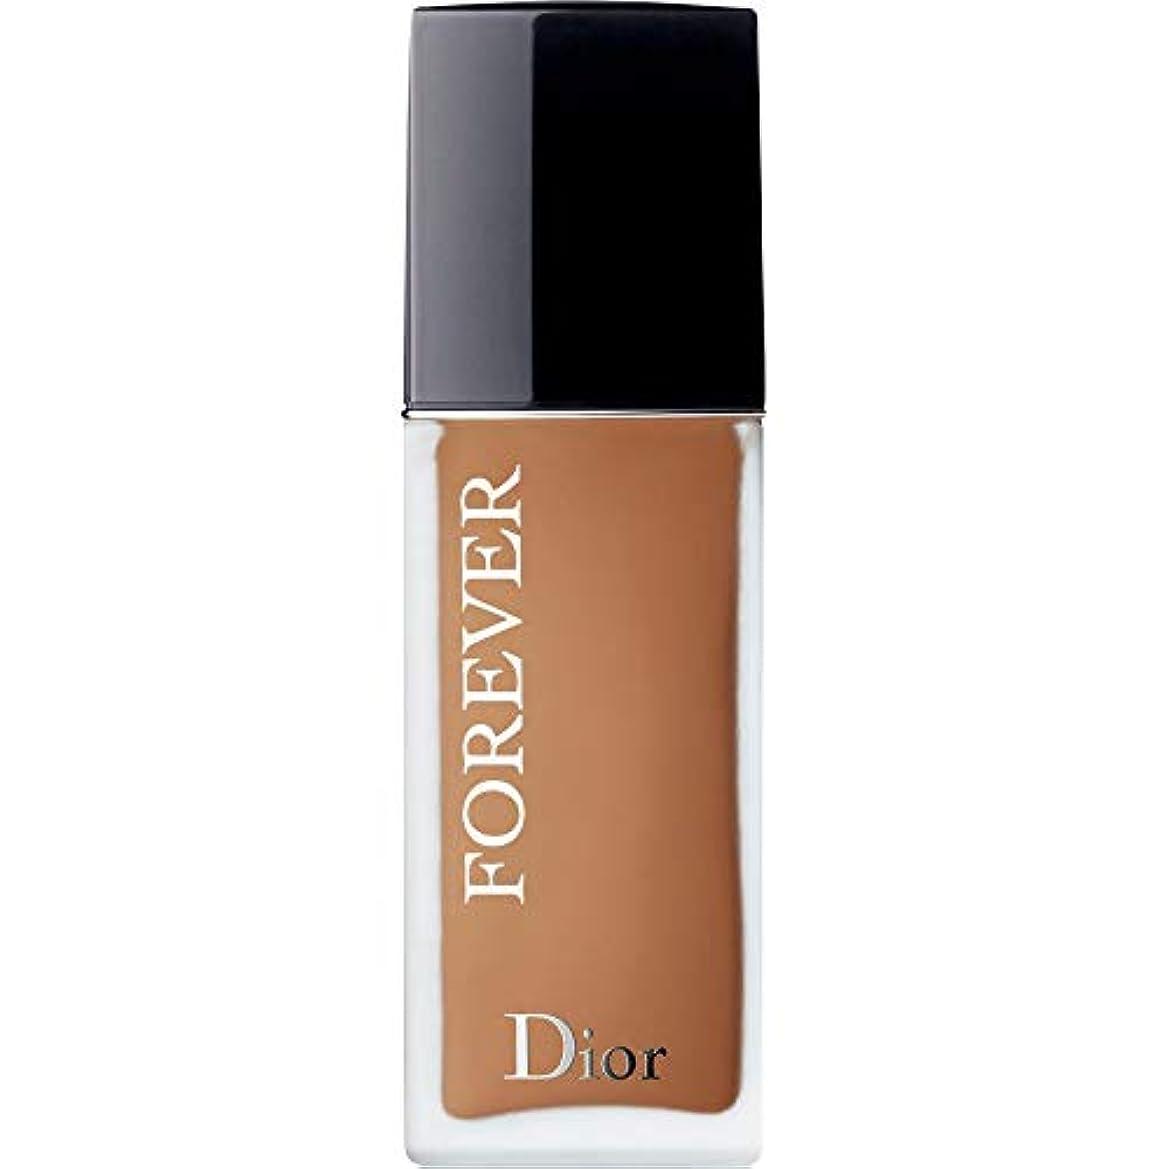 スタンド土地解放[Dior ] ディオール永遠皮膚思いやりの基盤Spf35 30ミリリットルの5ワット - 暖かい(つや消し) - DIOR Forever Skin-Caring Foundation SPF35 30ml 5W -...